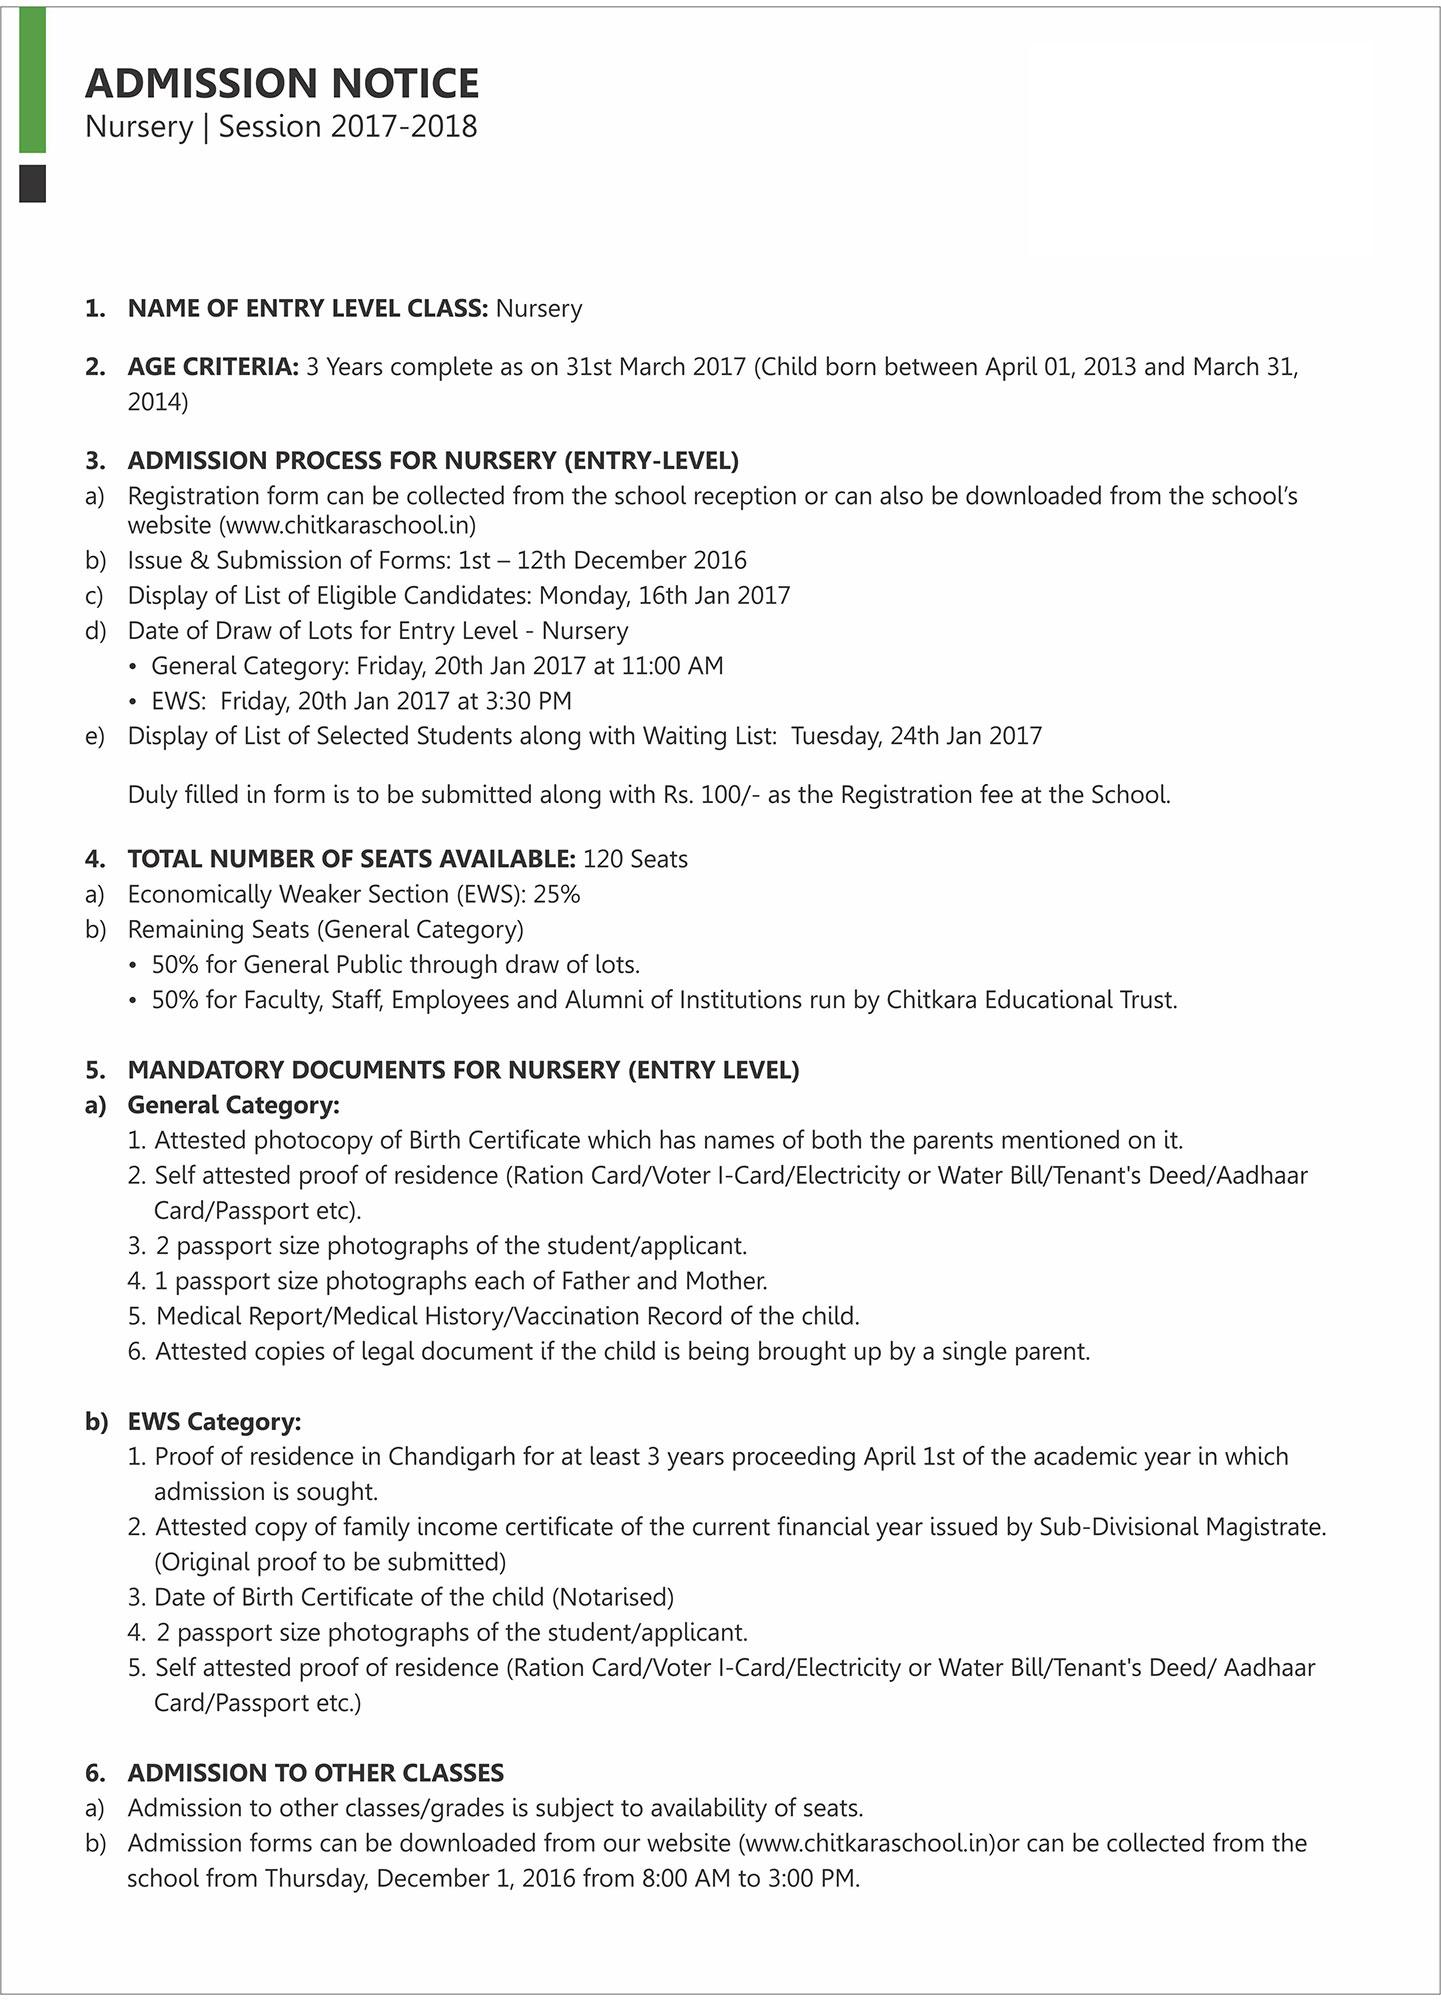 admission-notice2017-18